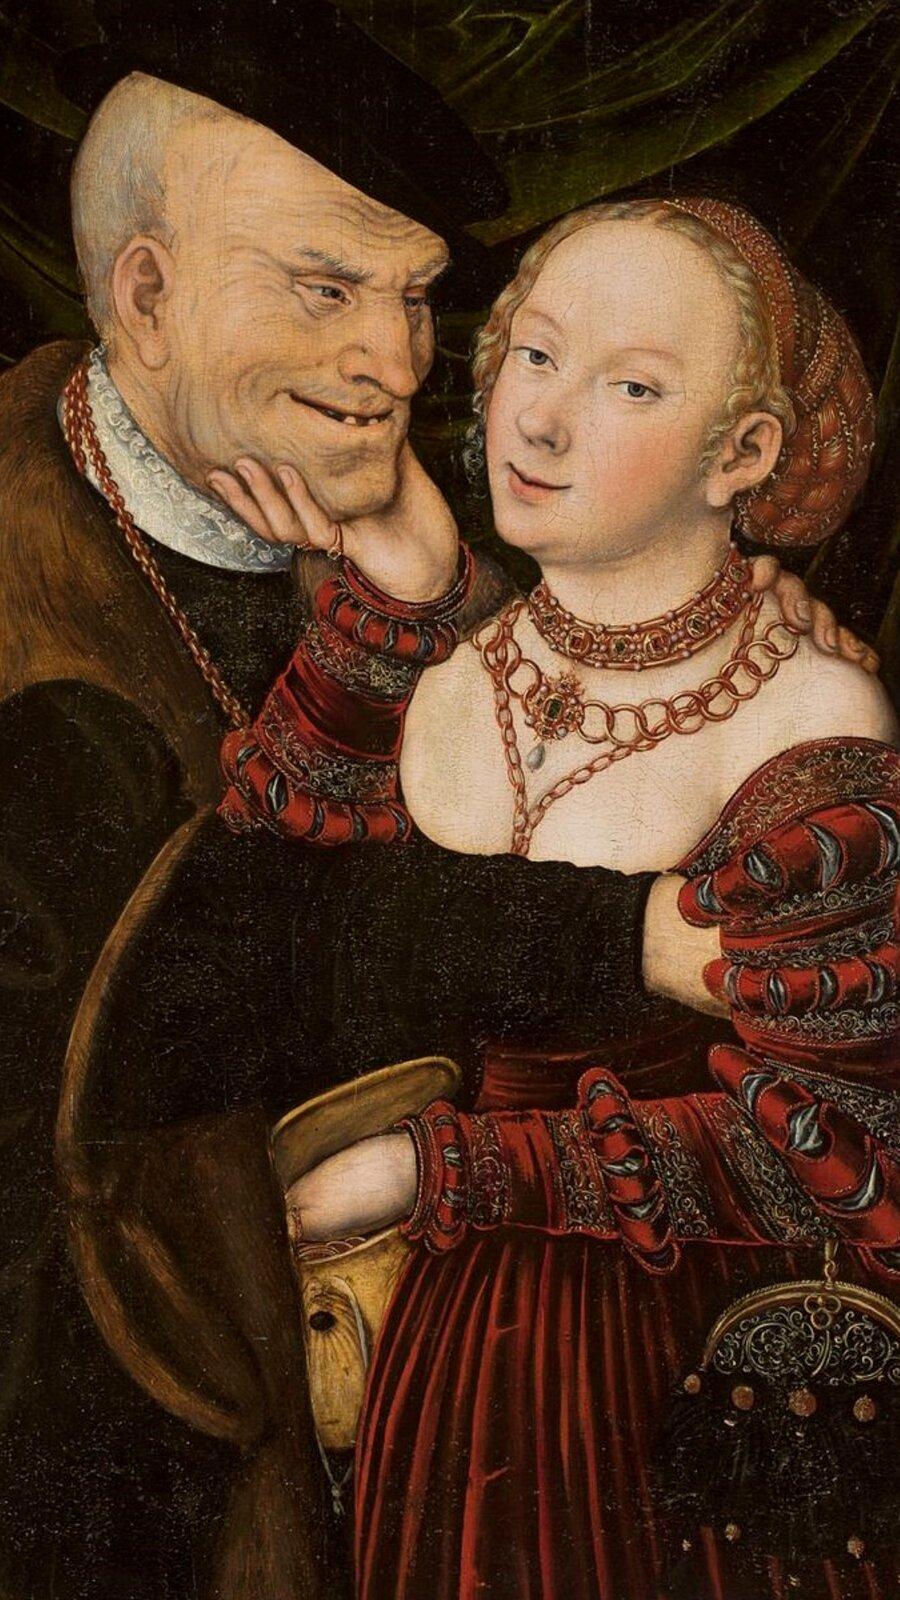 """Obraz pt. """"Niedobrana para"""" przedstawia mężczyznę ikobietę. Kobieta trzyma twarz mężczyzny. Ten patrzy na nią isię uśmiecha."""